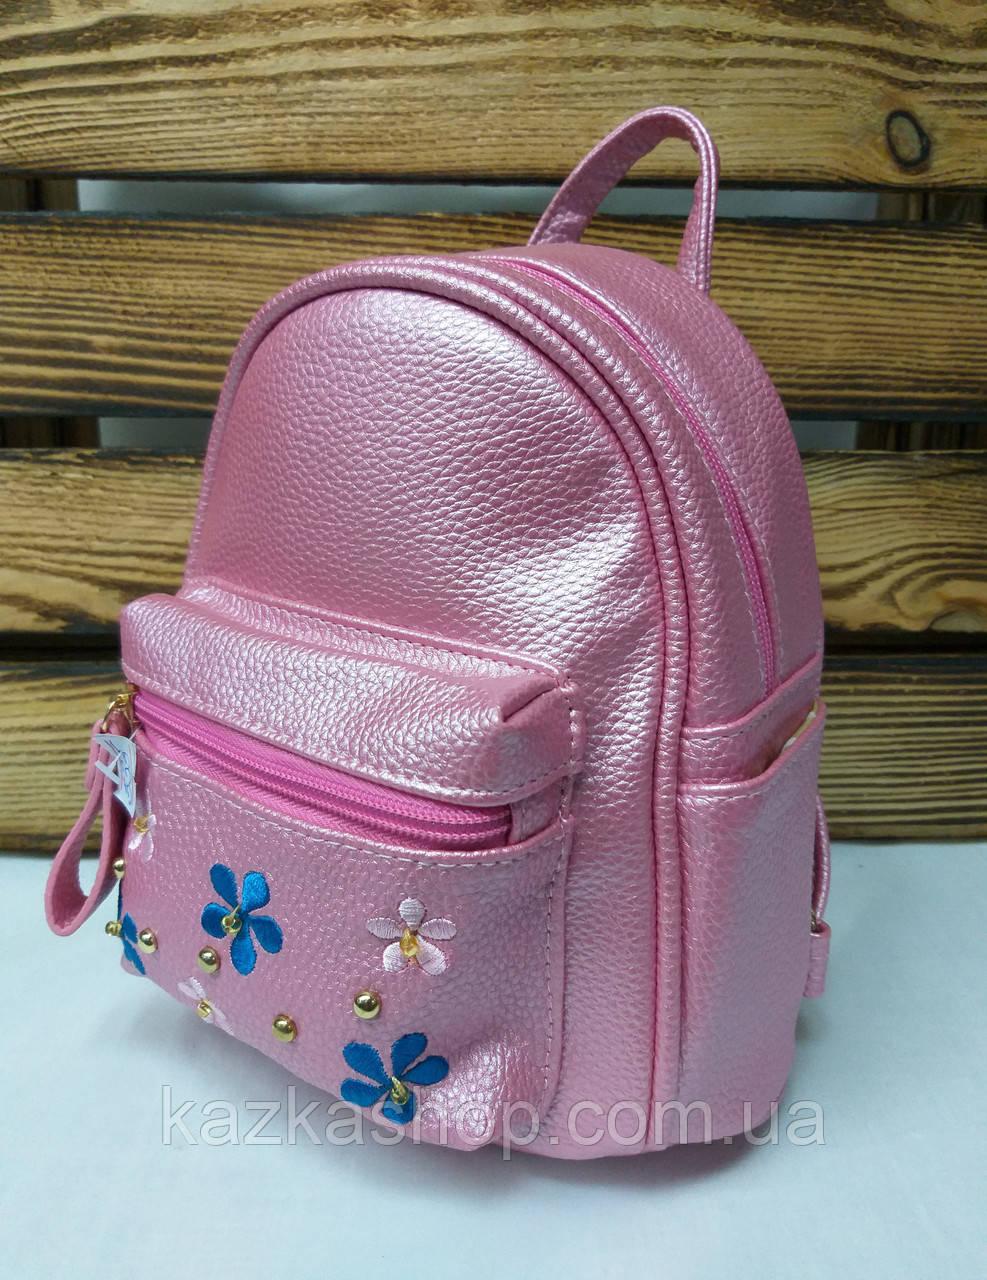 Маленький рюкзак из искусственной кожи светло малинового цвета с вставками цветов